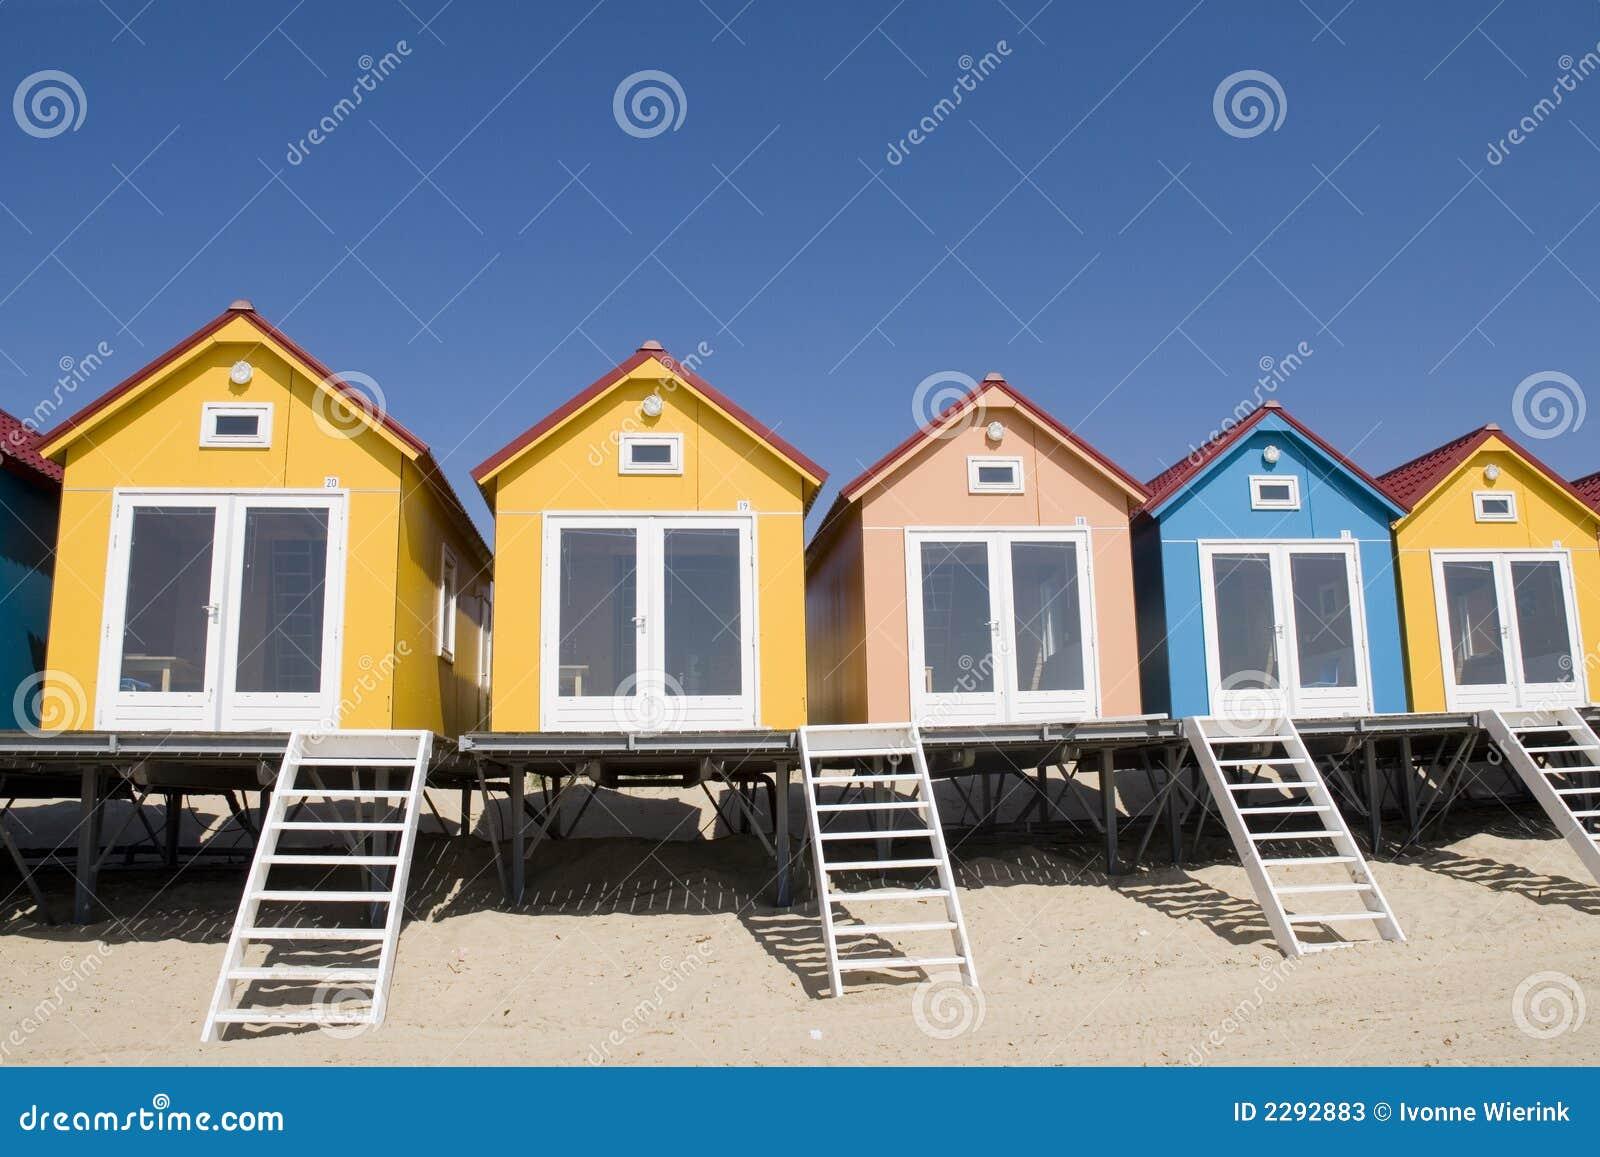 Spiaggia case colorate immagine stock immagine di festa for Fotografie case